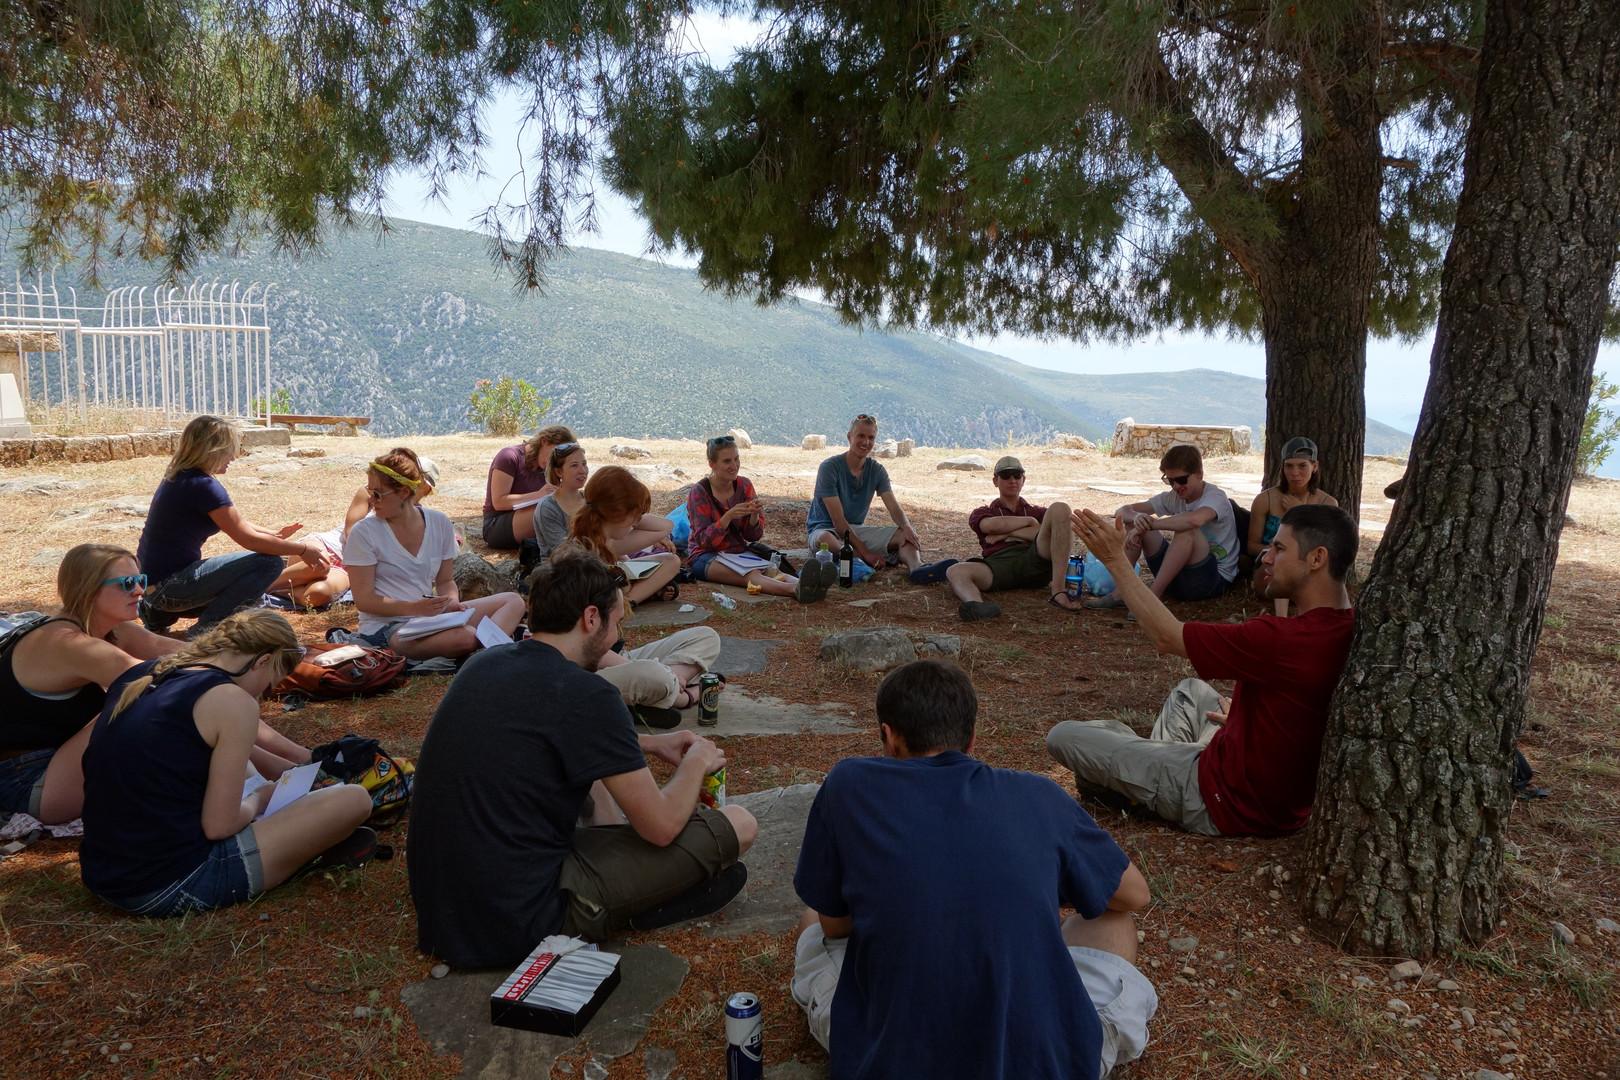 Justin McBrayer teaches class in Greece